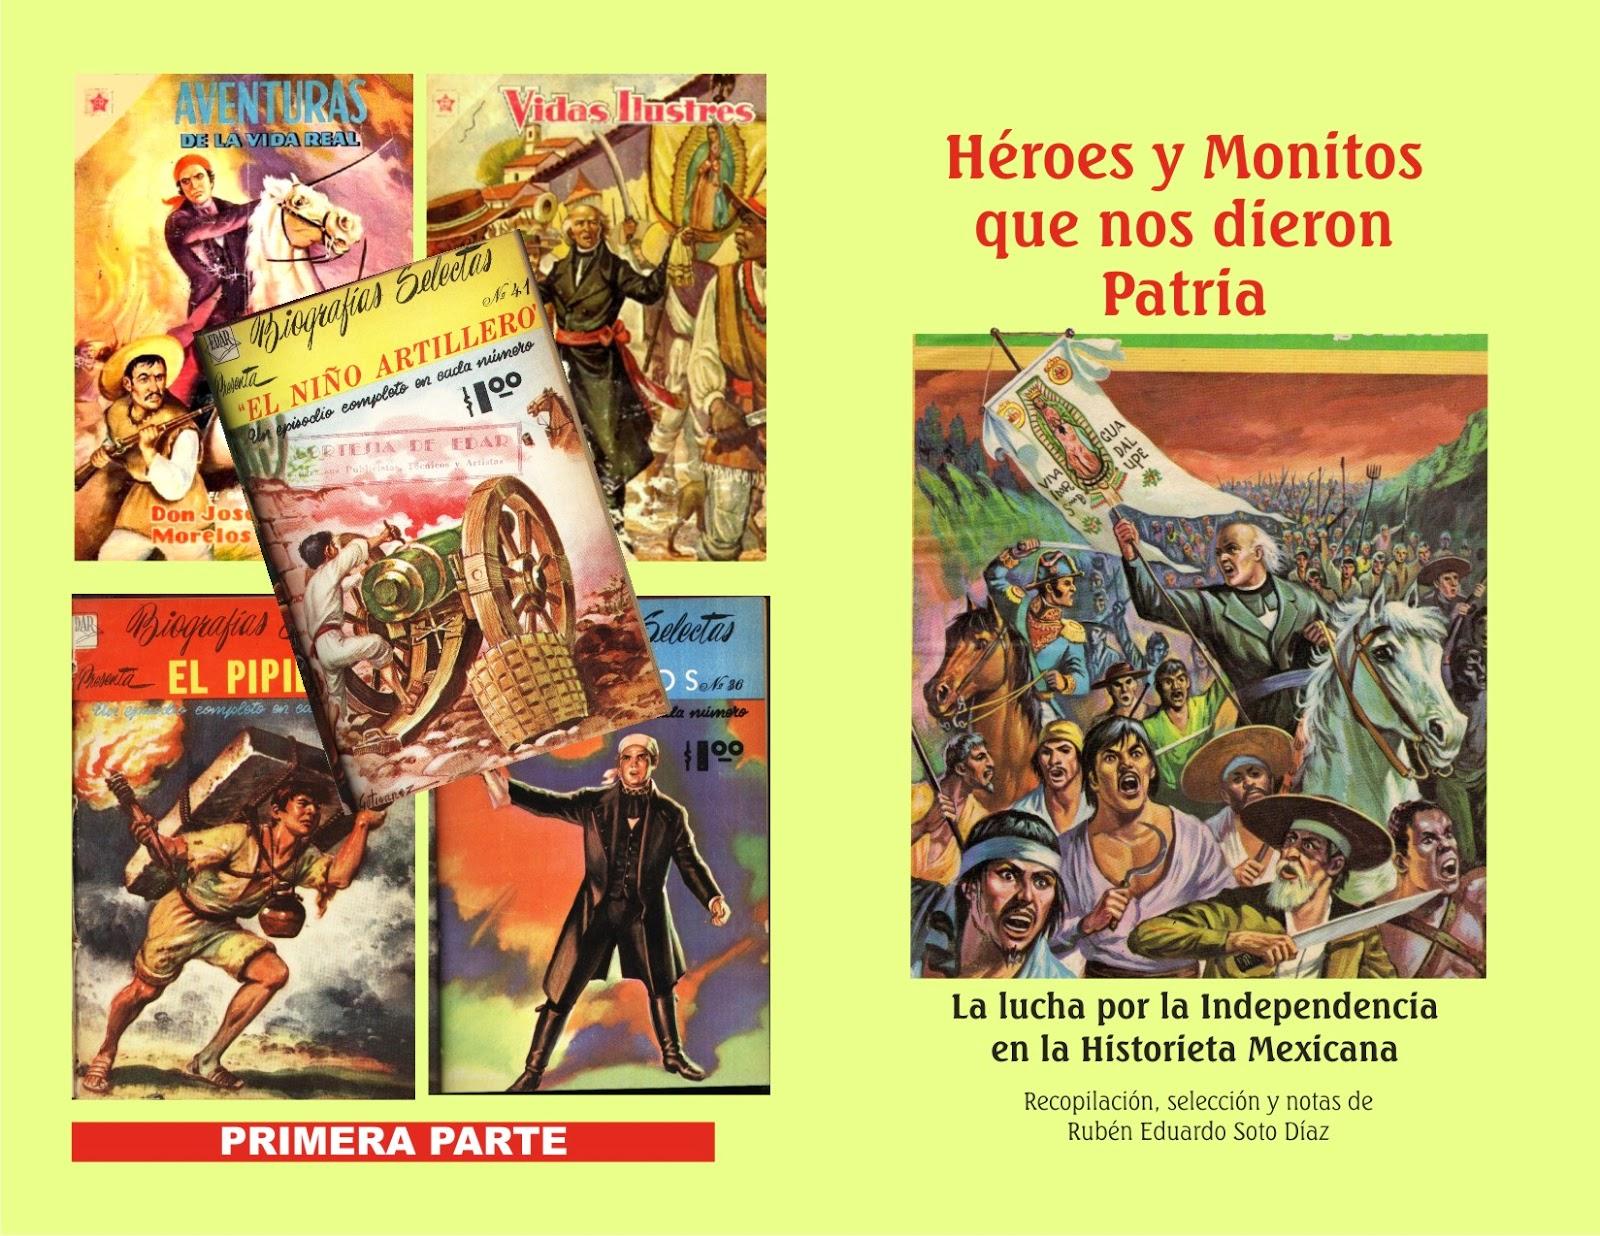 MUCAHI BASSOCO Lucha por la Independencia de Mxico en comic